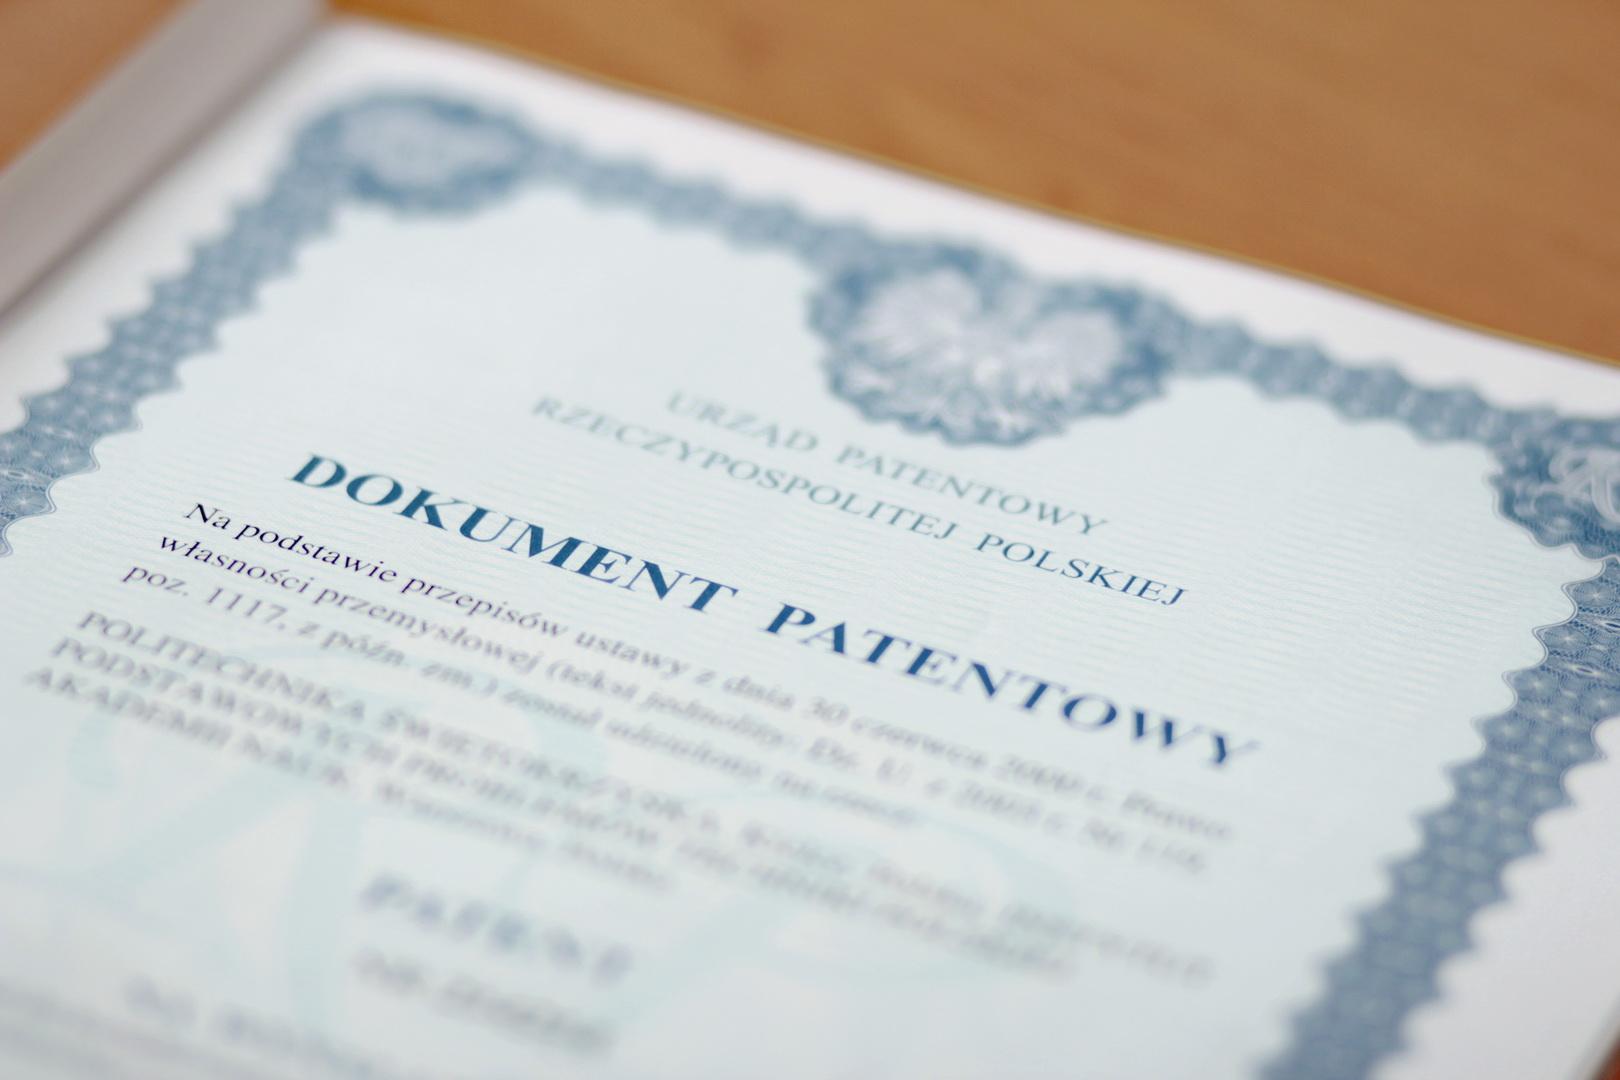 39. Seminarium dla Rzeczników Patentowych Szkół Wyższych